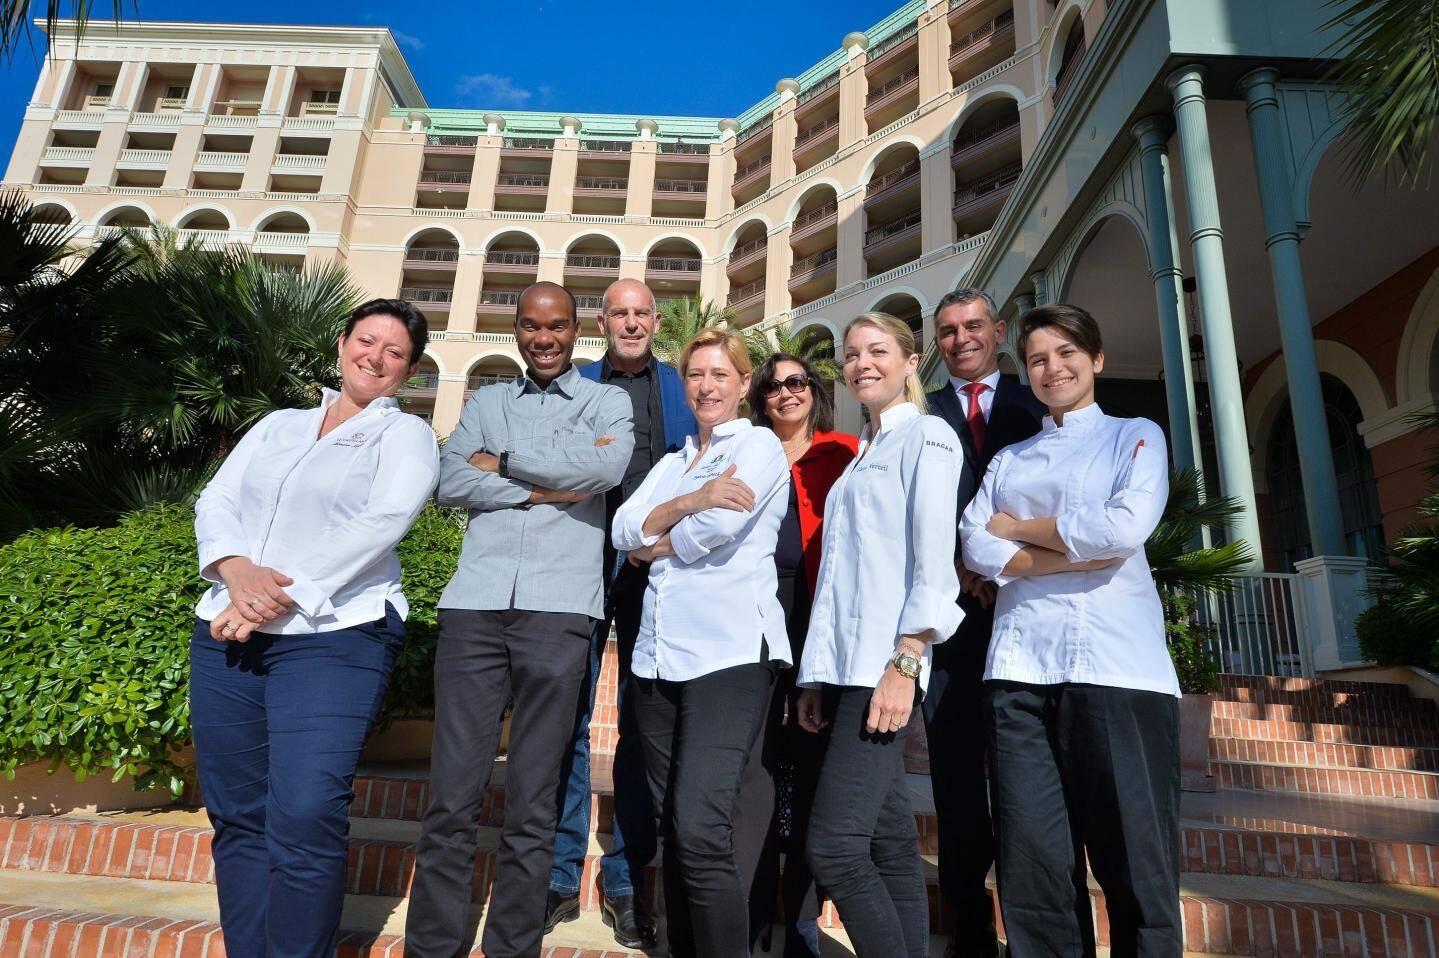 Autour de l'équipe en cuisine hier, la présidente de l'AIHM, Alberte Escande, le vice-président Francis Poidevin et le directeur du Monte-Carlo Bay, Frédéric Darnet.